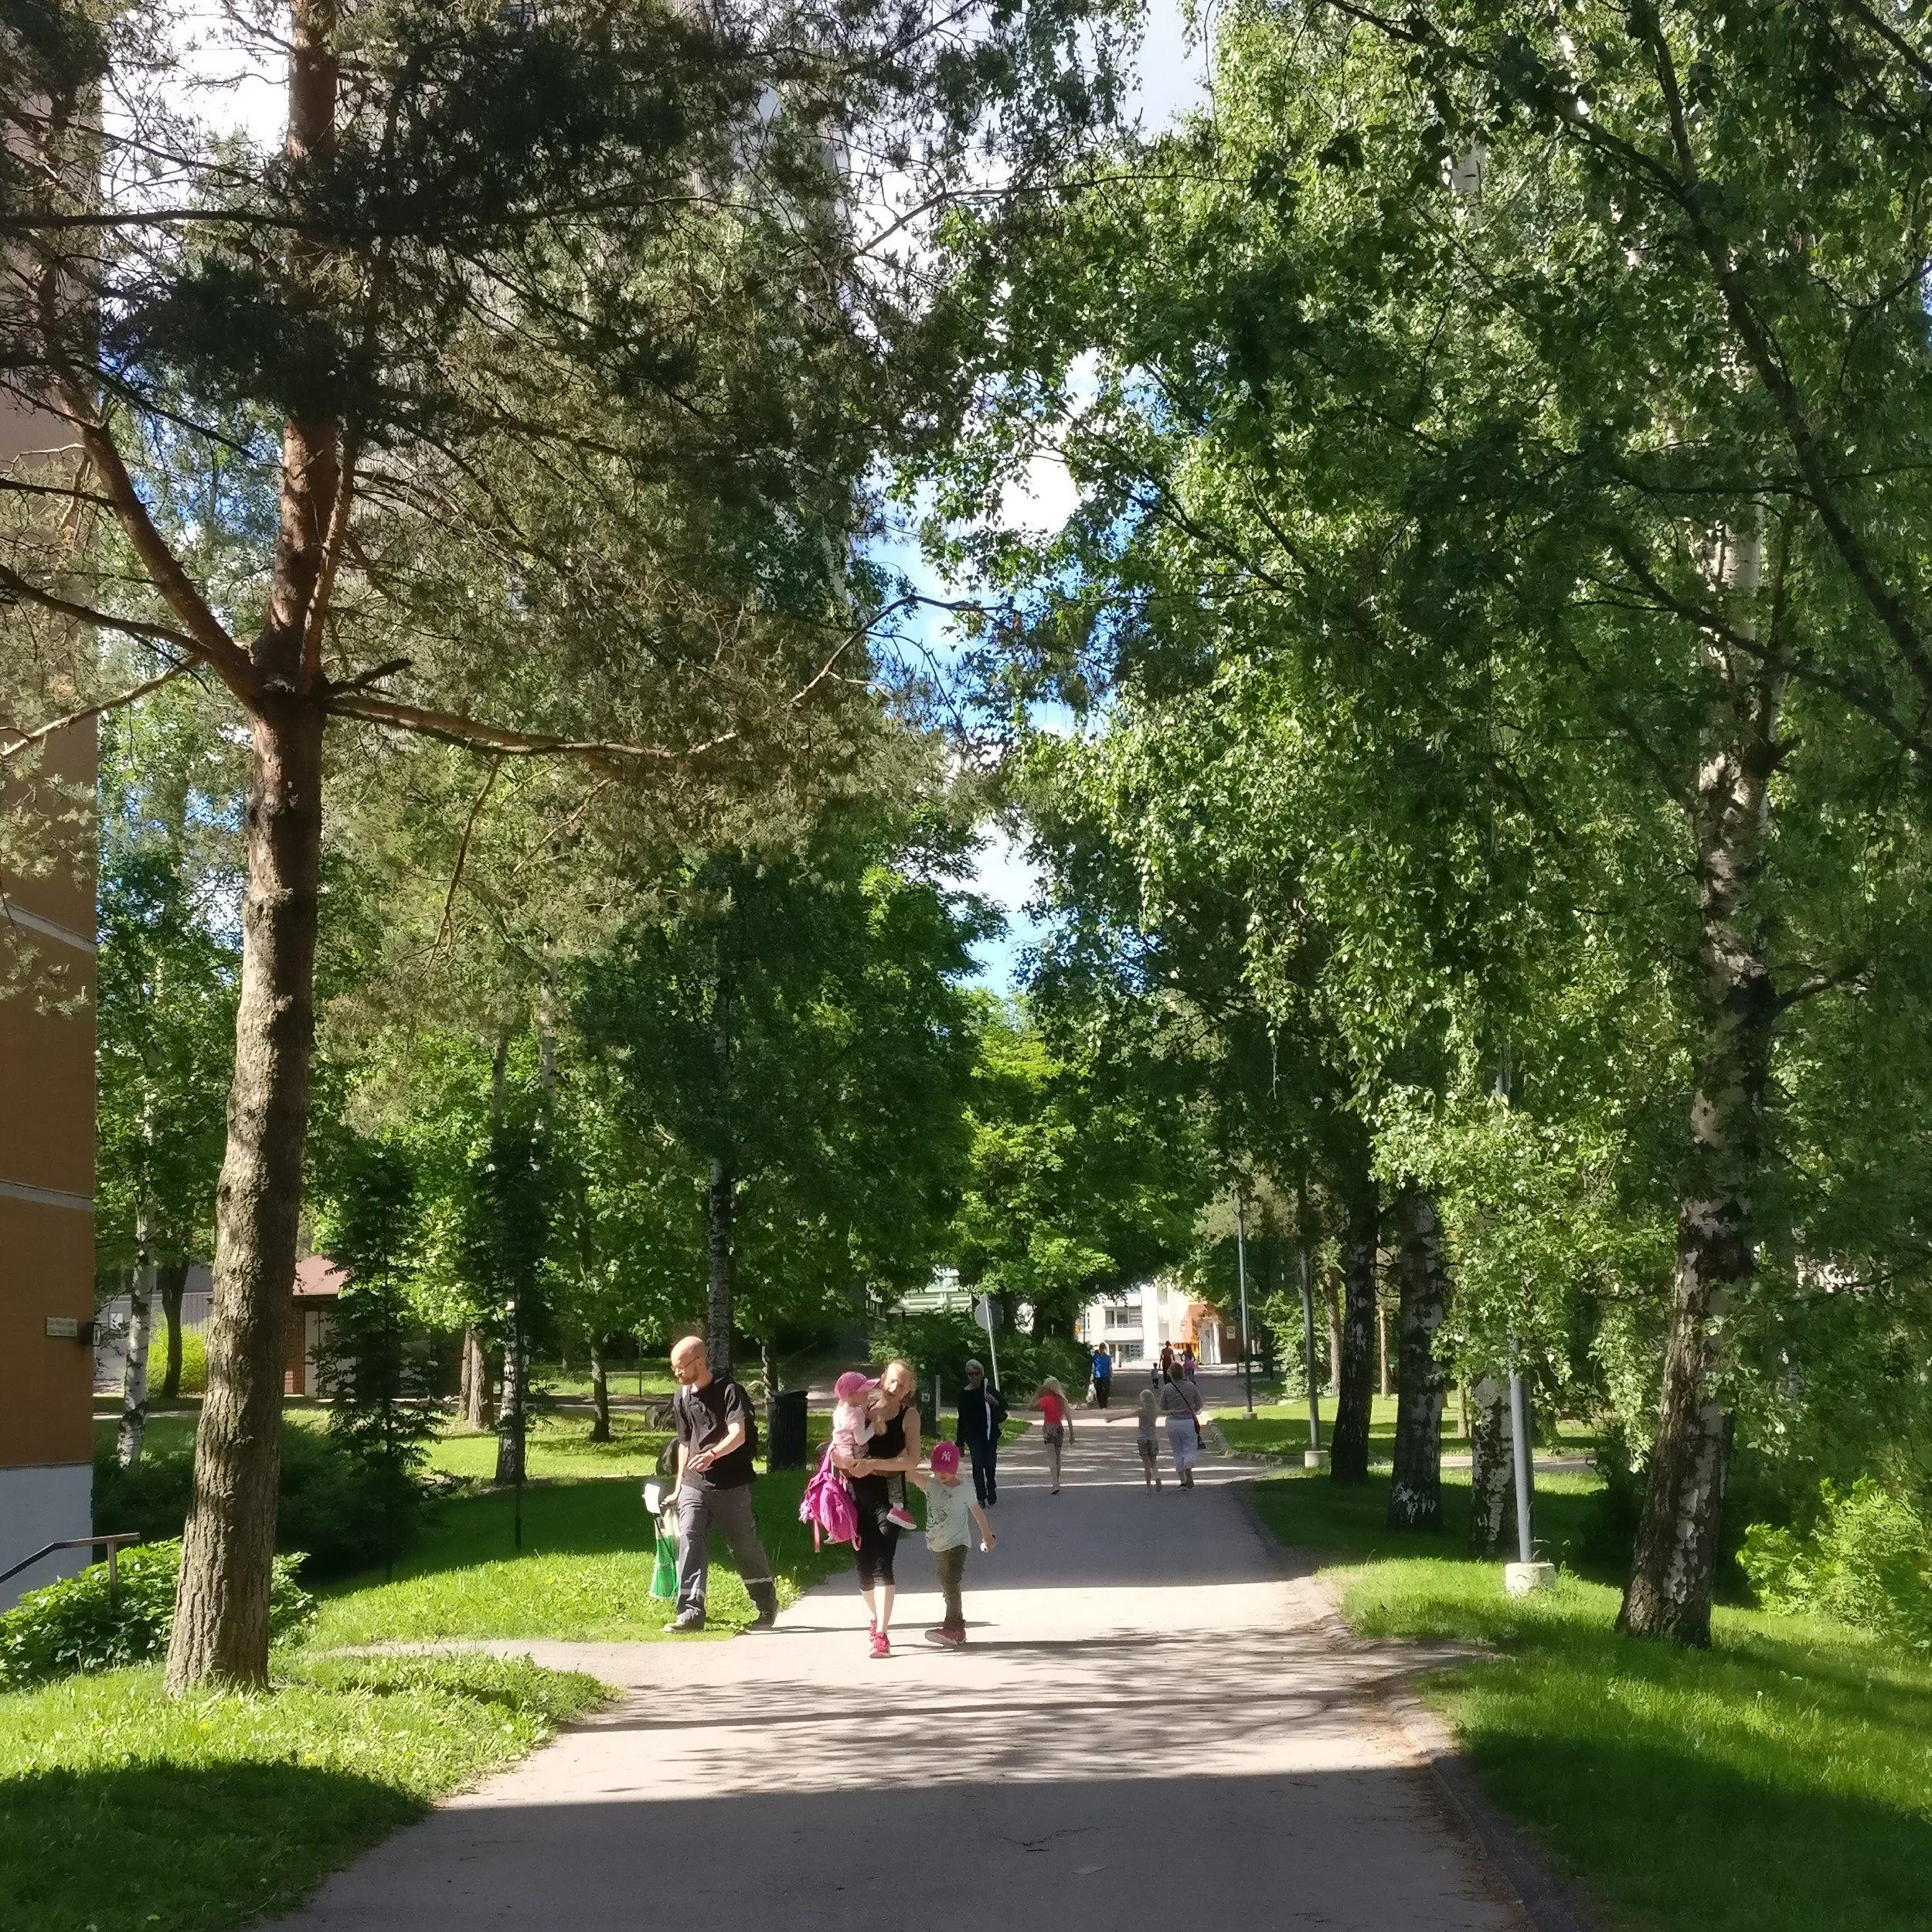 Meidän kaupunginosa - Matinkylä kuuluu niihin suomalaisiin kaupunginosiin, jotka tuntuvat pieniltä kyliltä. Vahva viherverkosto ja meren läheisyys vetoavat yhä uusiin sukupolviin asukkaita, ja historiallisen alueen pohjoisosiin muodostuu tulevina vuosina lisää asumisen mahdollisuuksia.